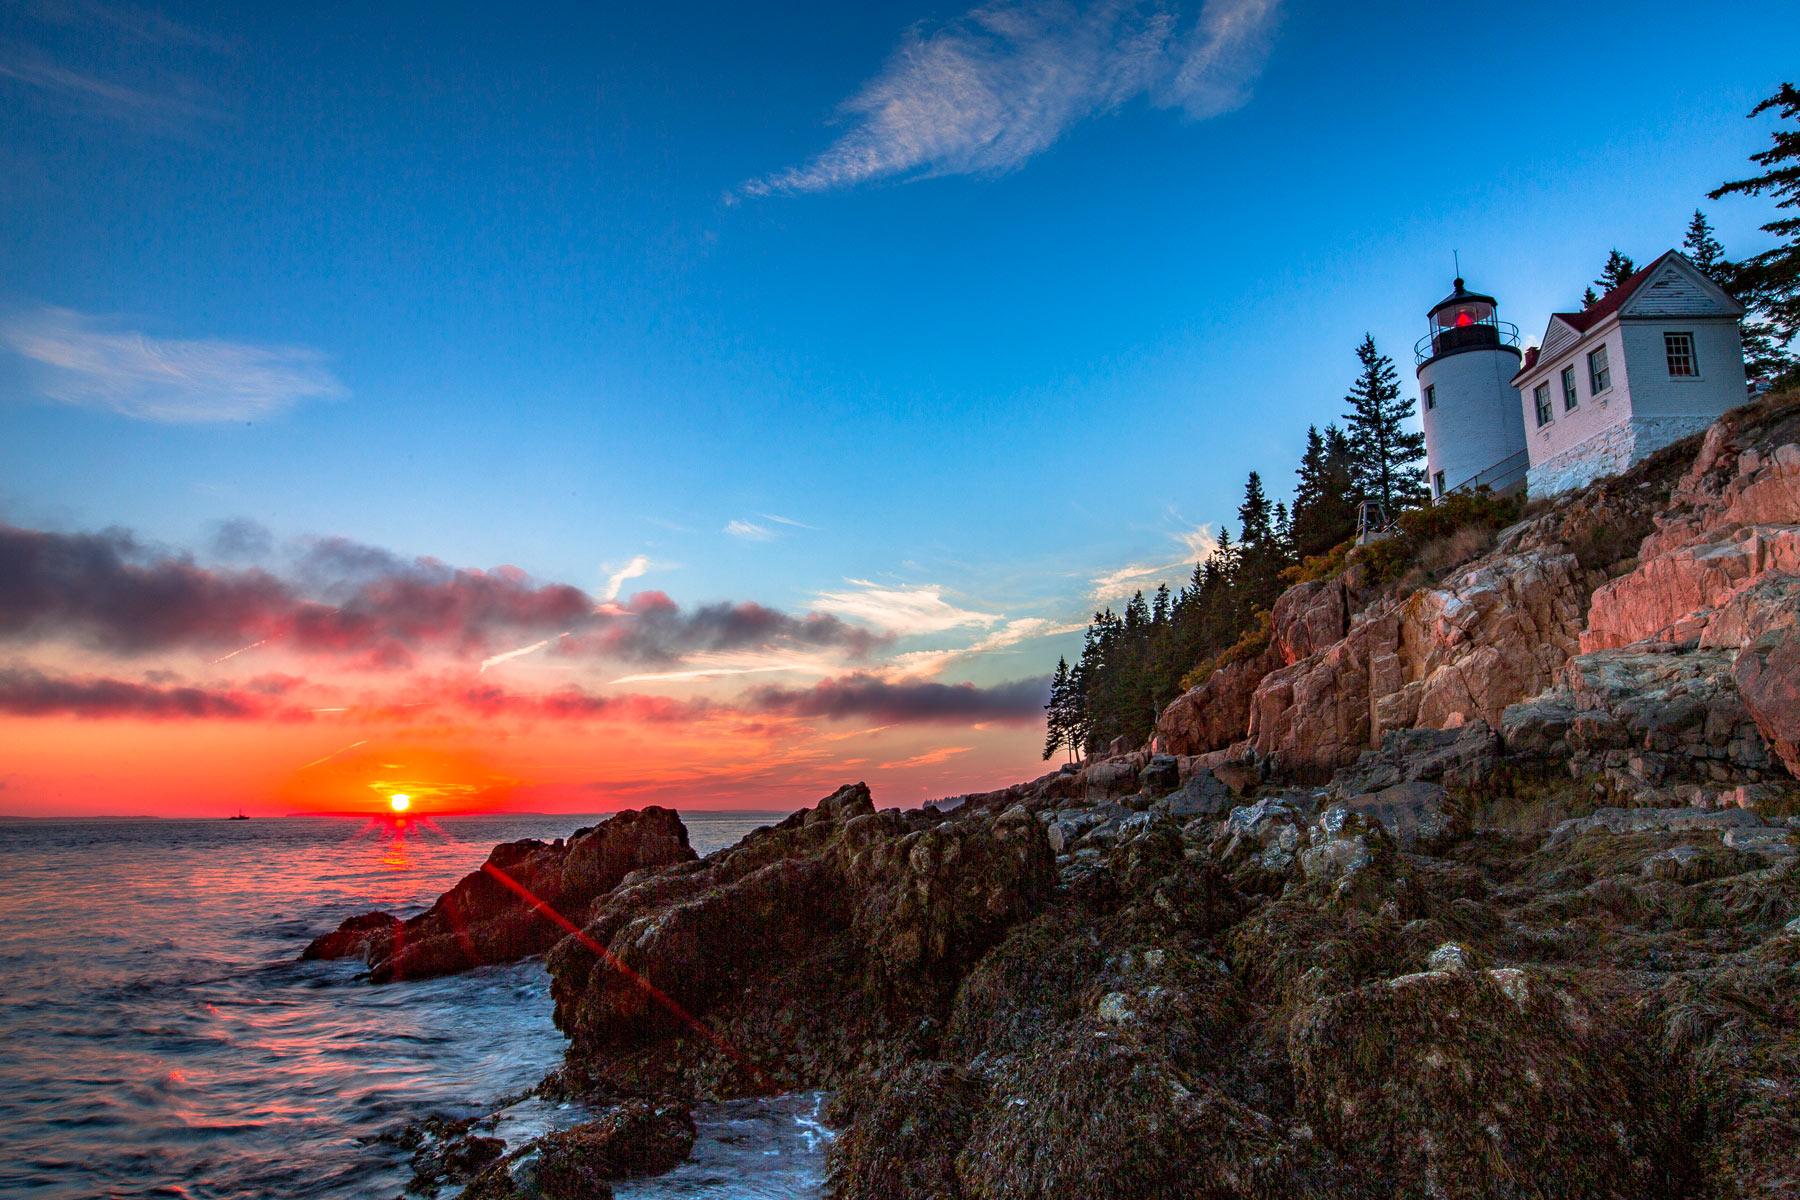 acadia national park bass harbor lighthouse